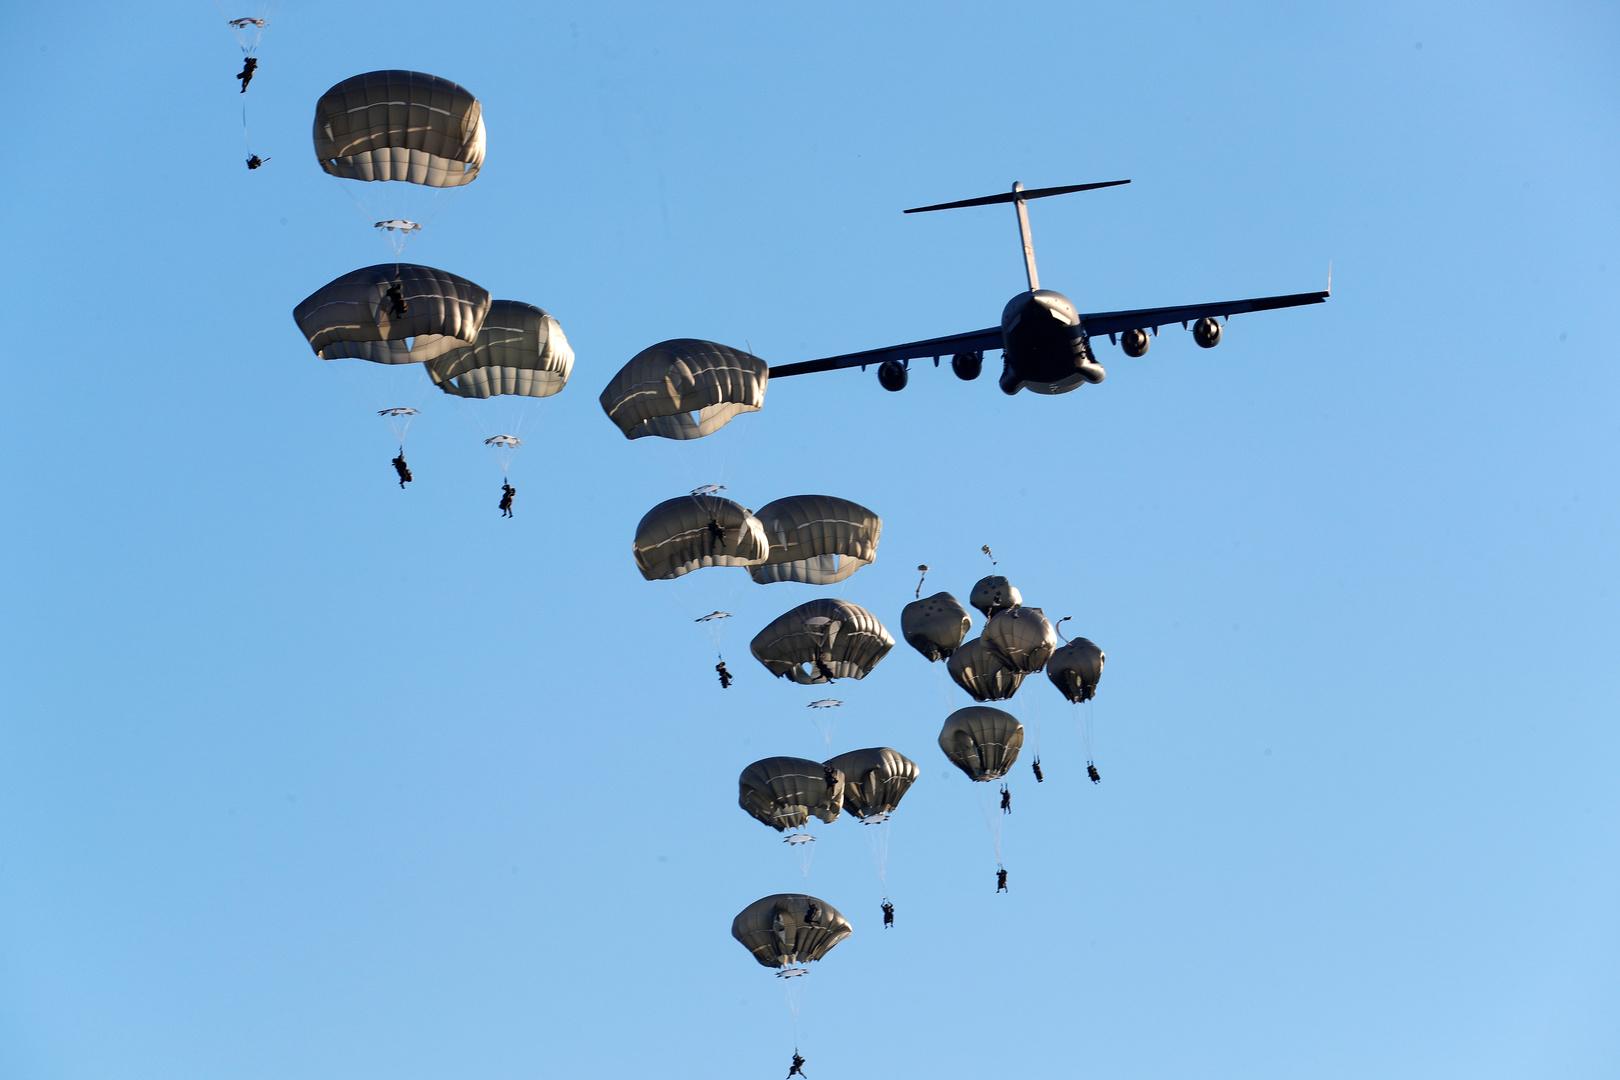 عملية إنزال لمظليين أمريكيين في منطقة البلطيق (أرشيف)